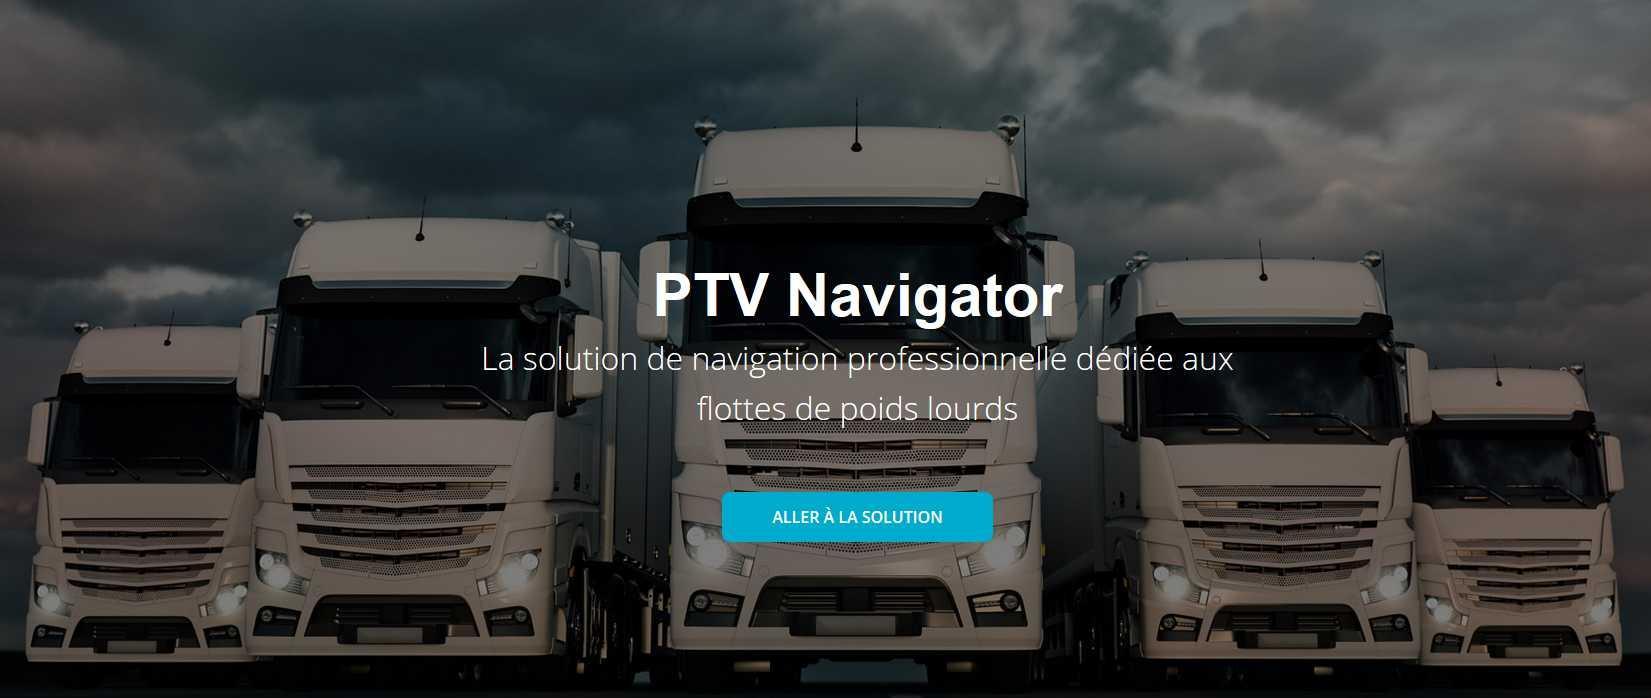 Avis PTV Navigator : Solution de navigation professionnelle dédiée poids lourds - Appvizer